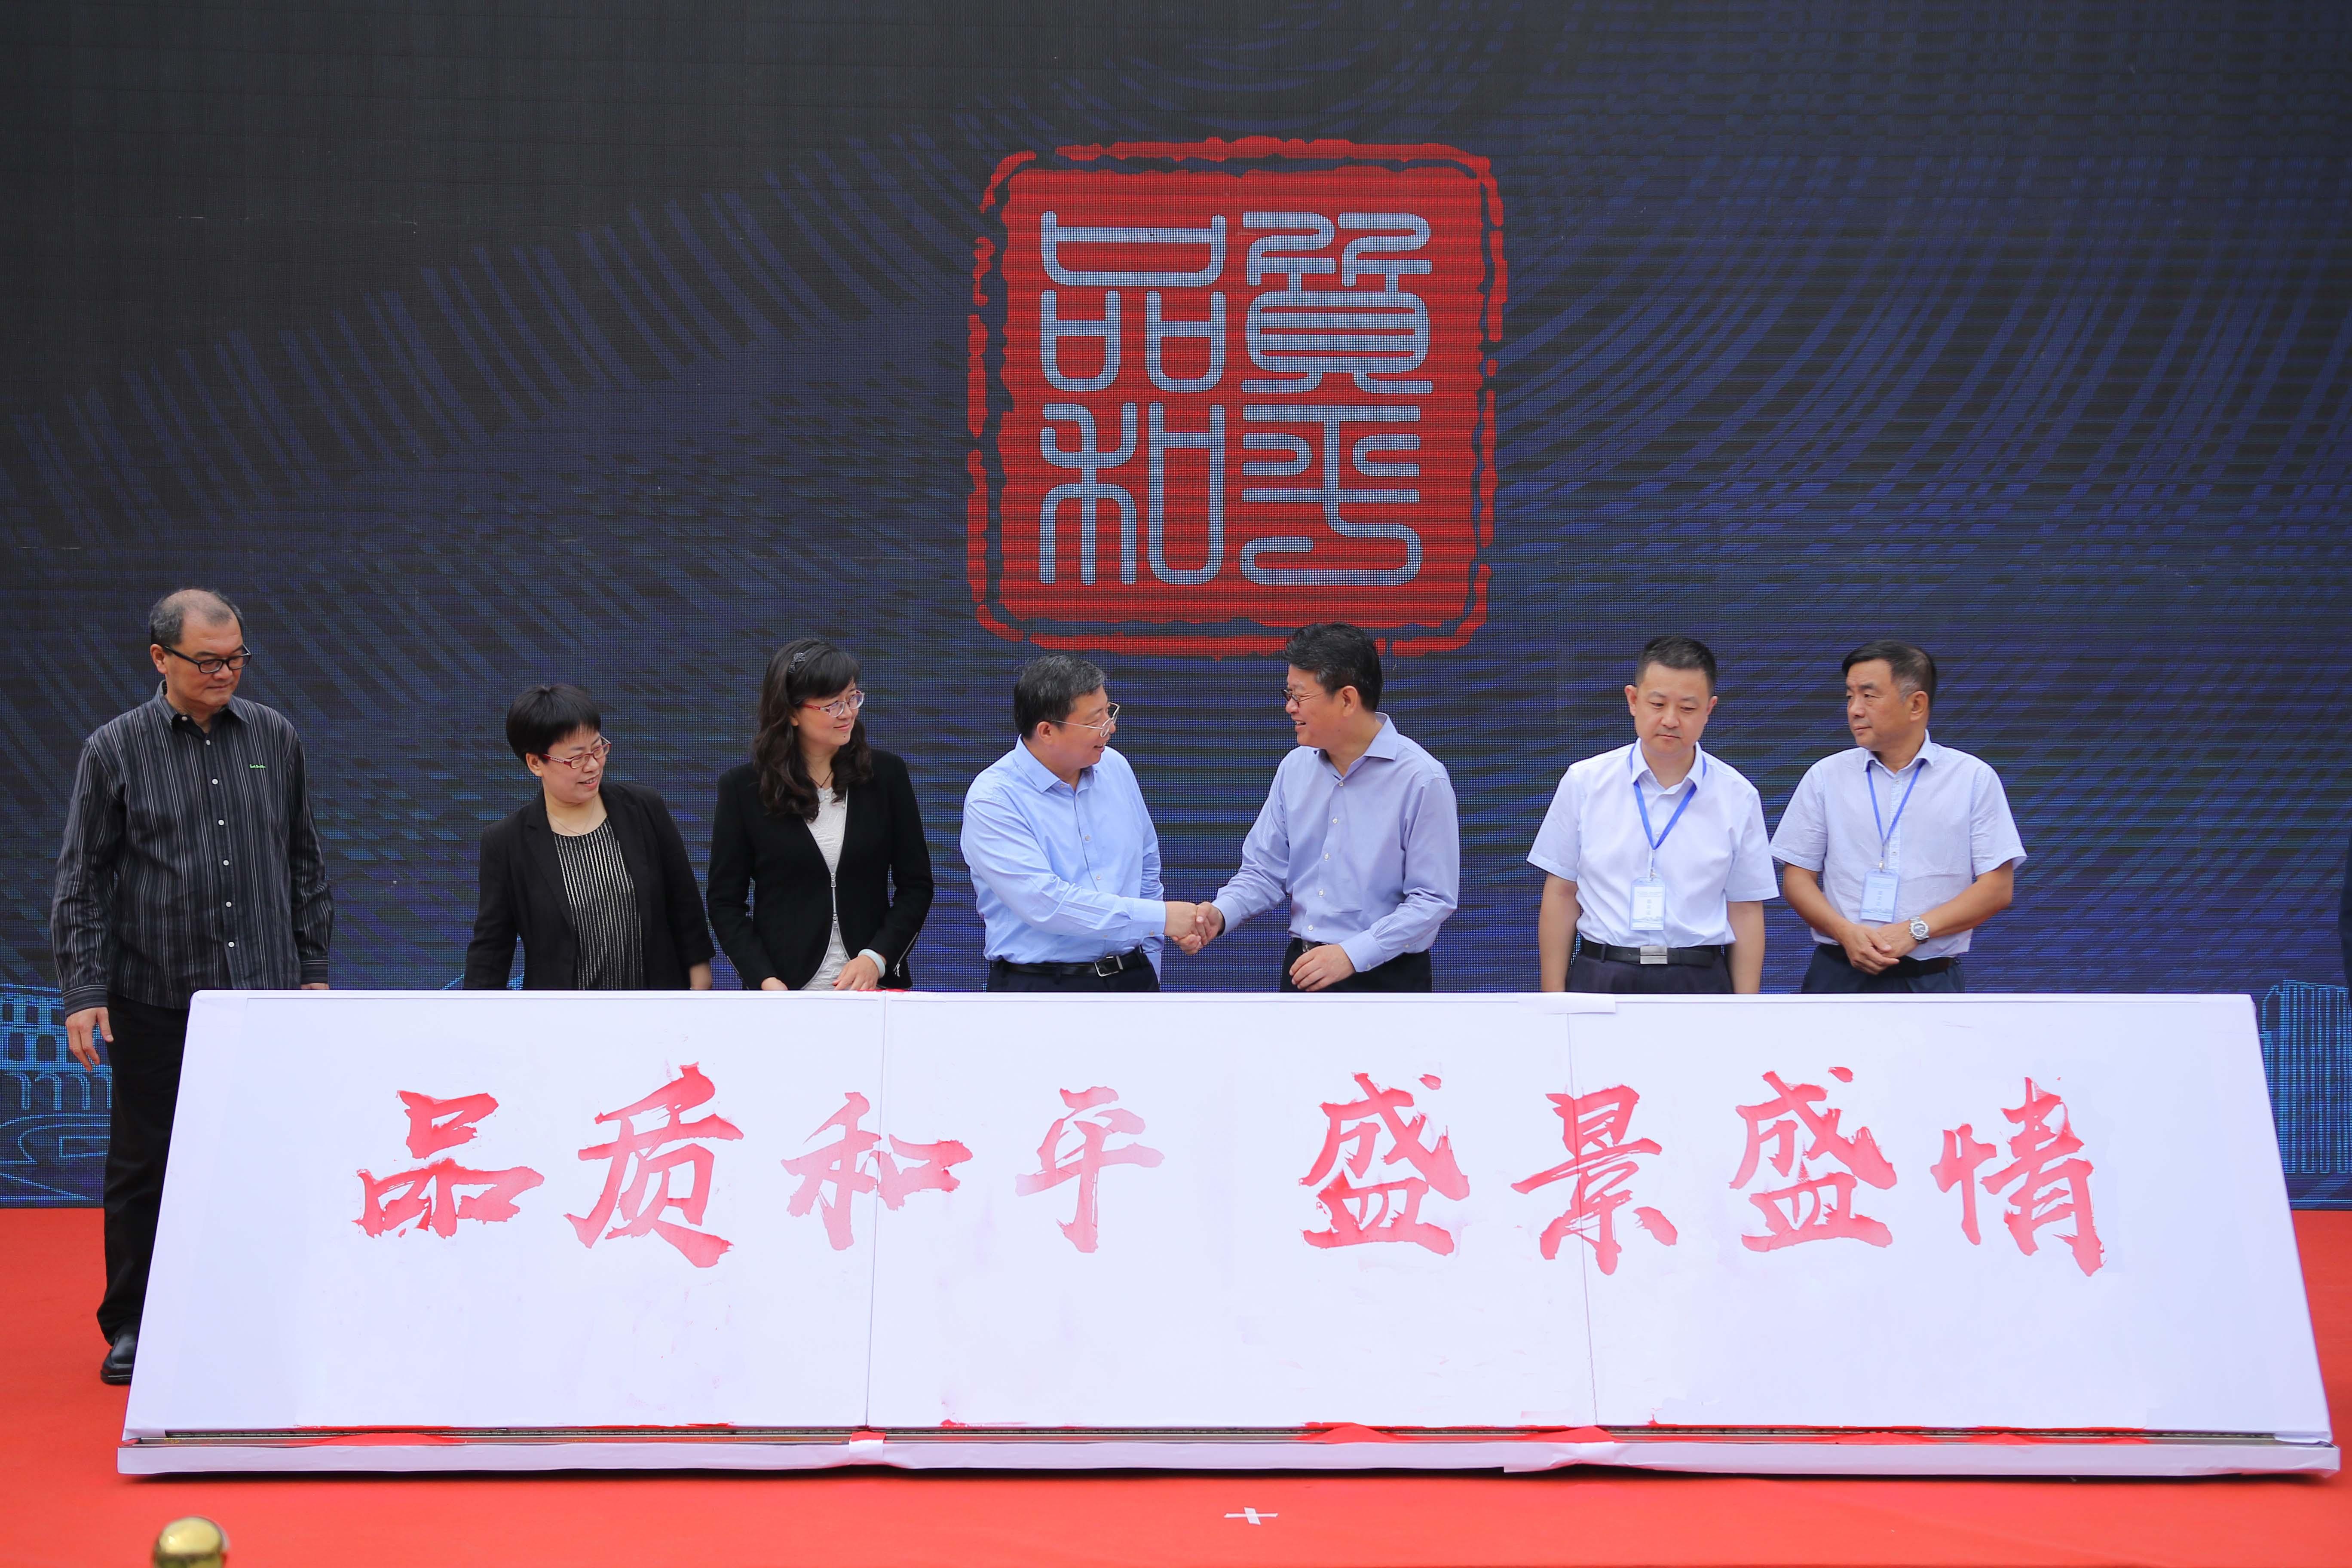 聚焦全域旅游新模式 天津创和平旅游品牌